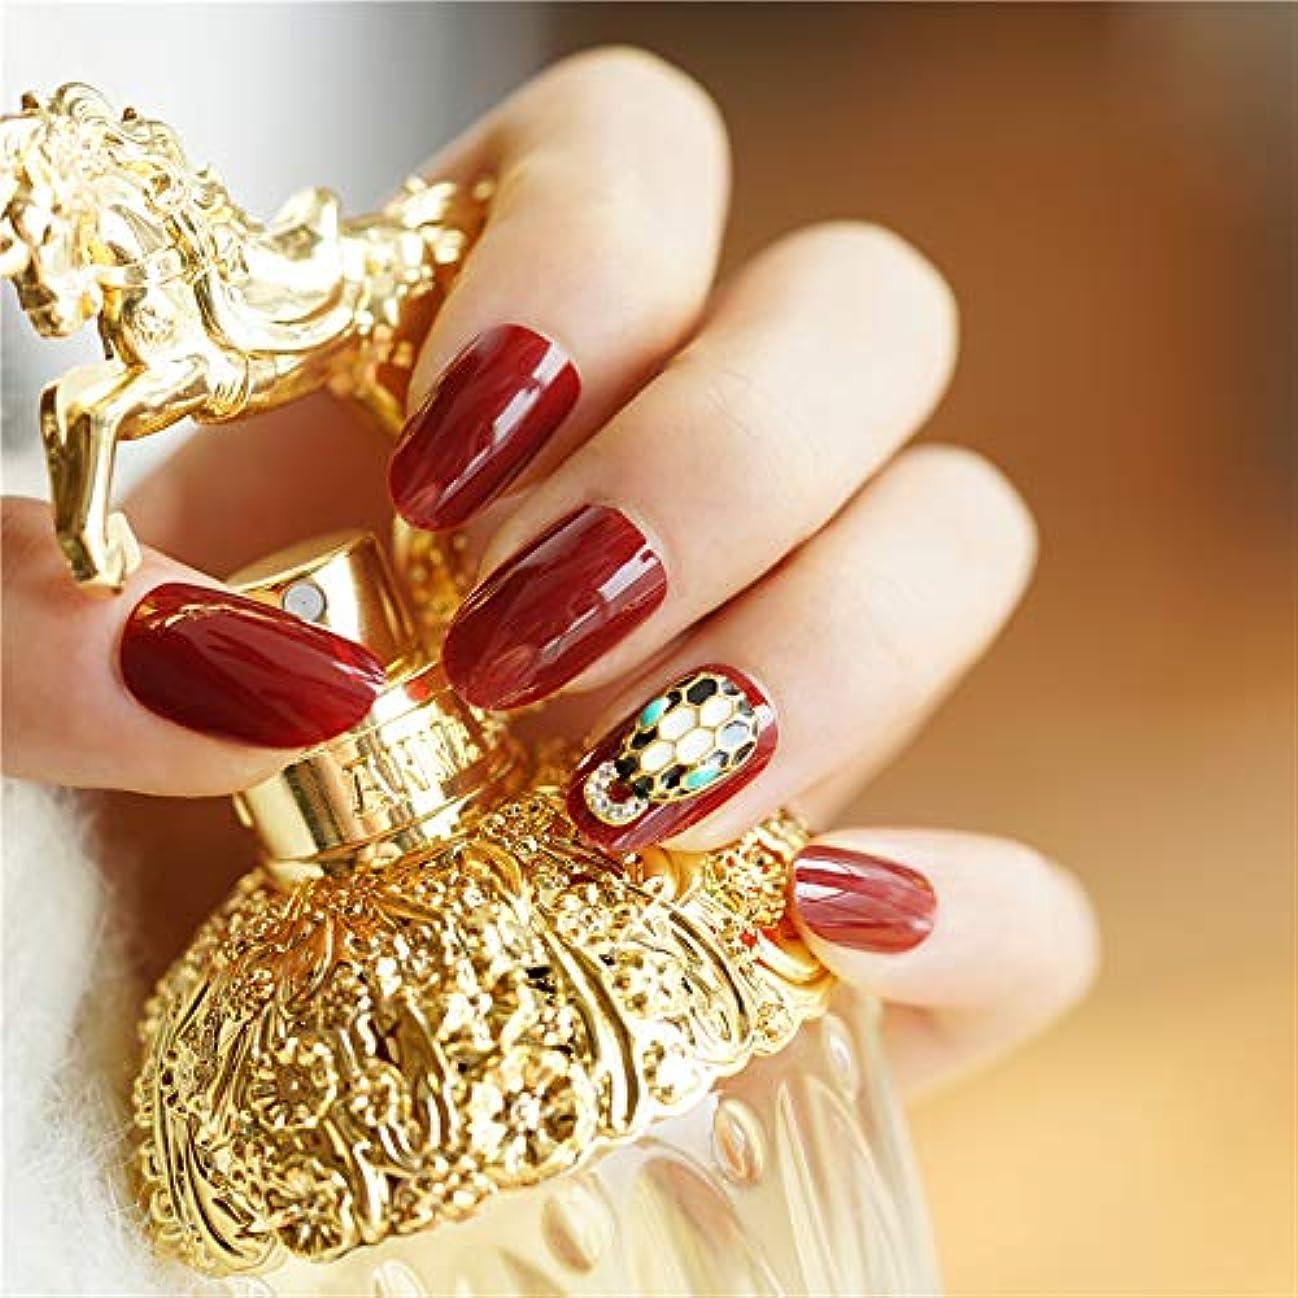 歯痛ぼろ不注意24枚セット ネイルチップ 付け爪 お嫁さんつけ爪 ネイルシール 3D可愛い飾り 爪先金回し 水しいピンク色変化デザインネイルチップ (ワインレッド)